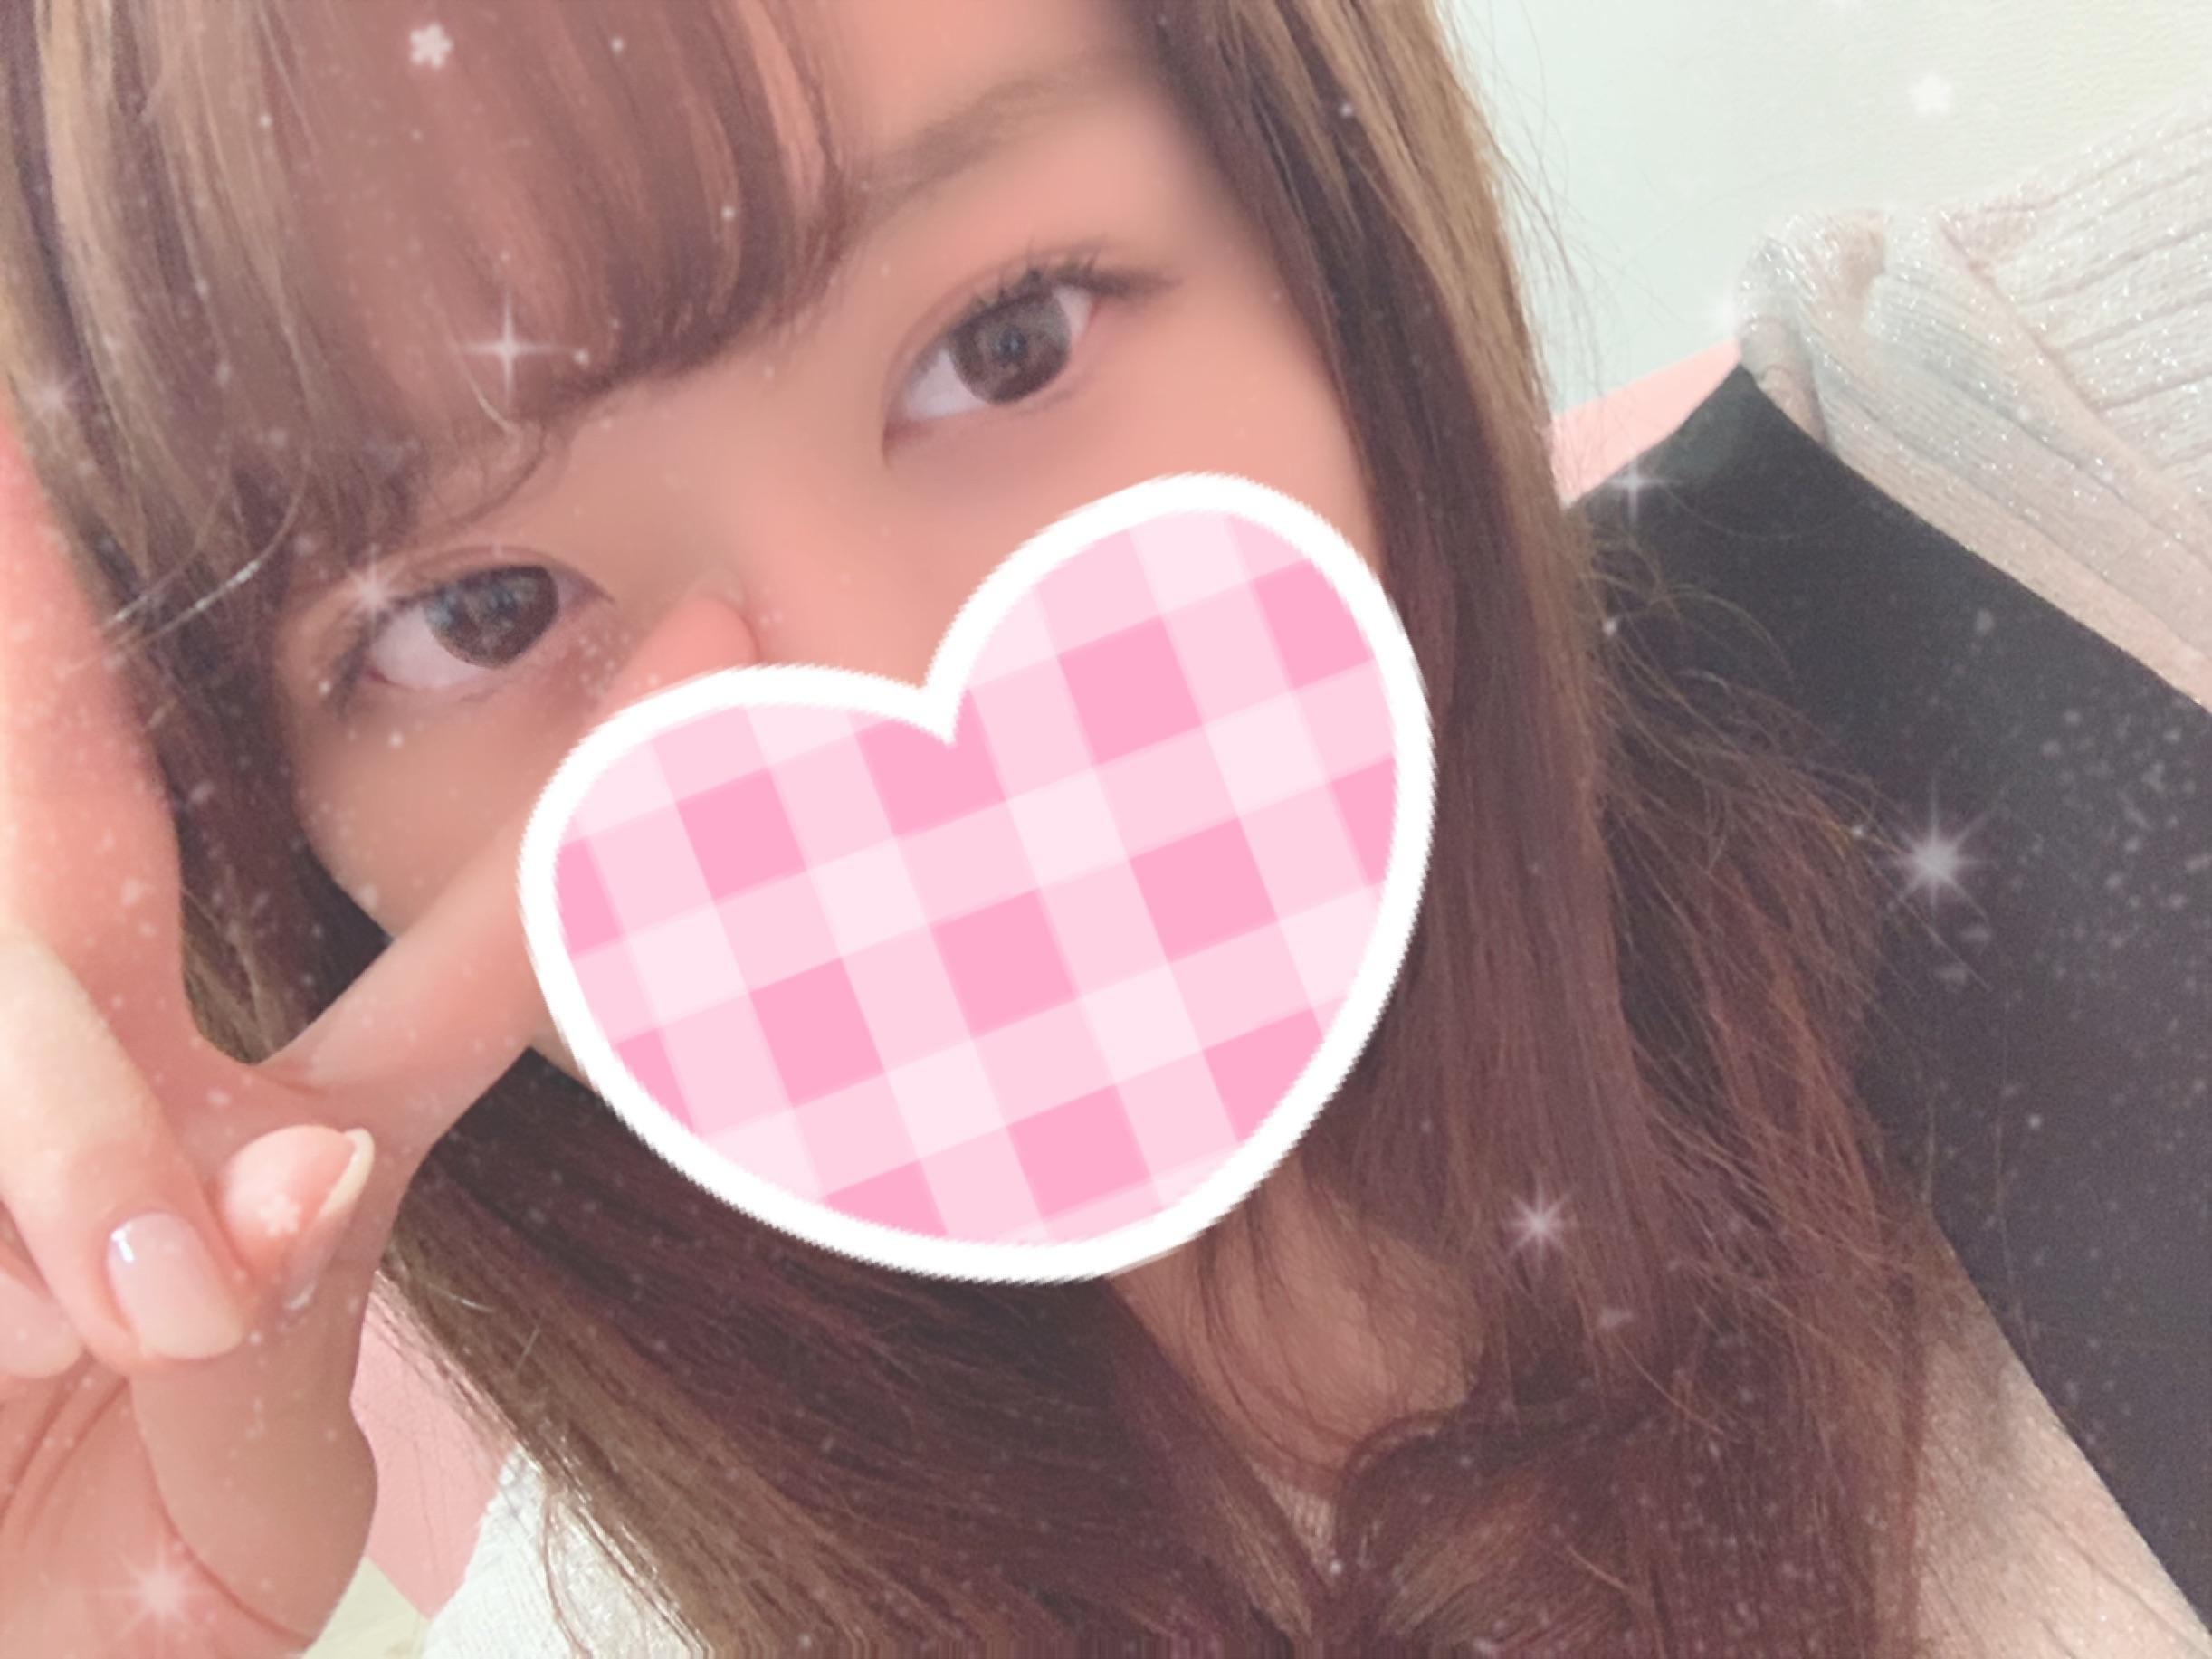 「お礼ですっ☆」10/22(10/22) 14:51   モモの写メ・風俗動画